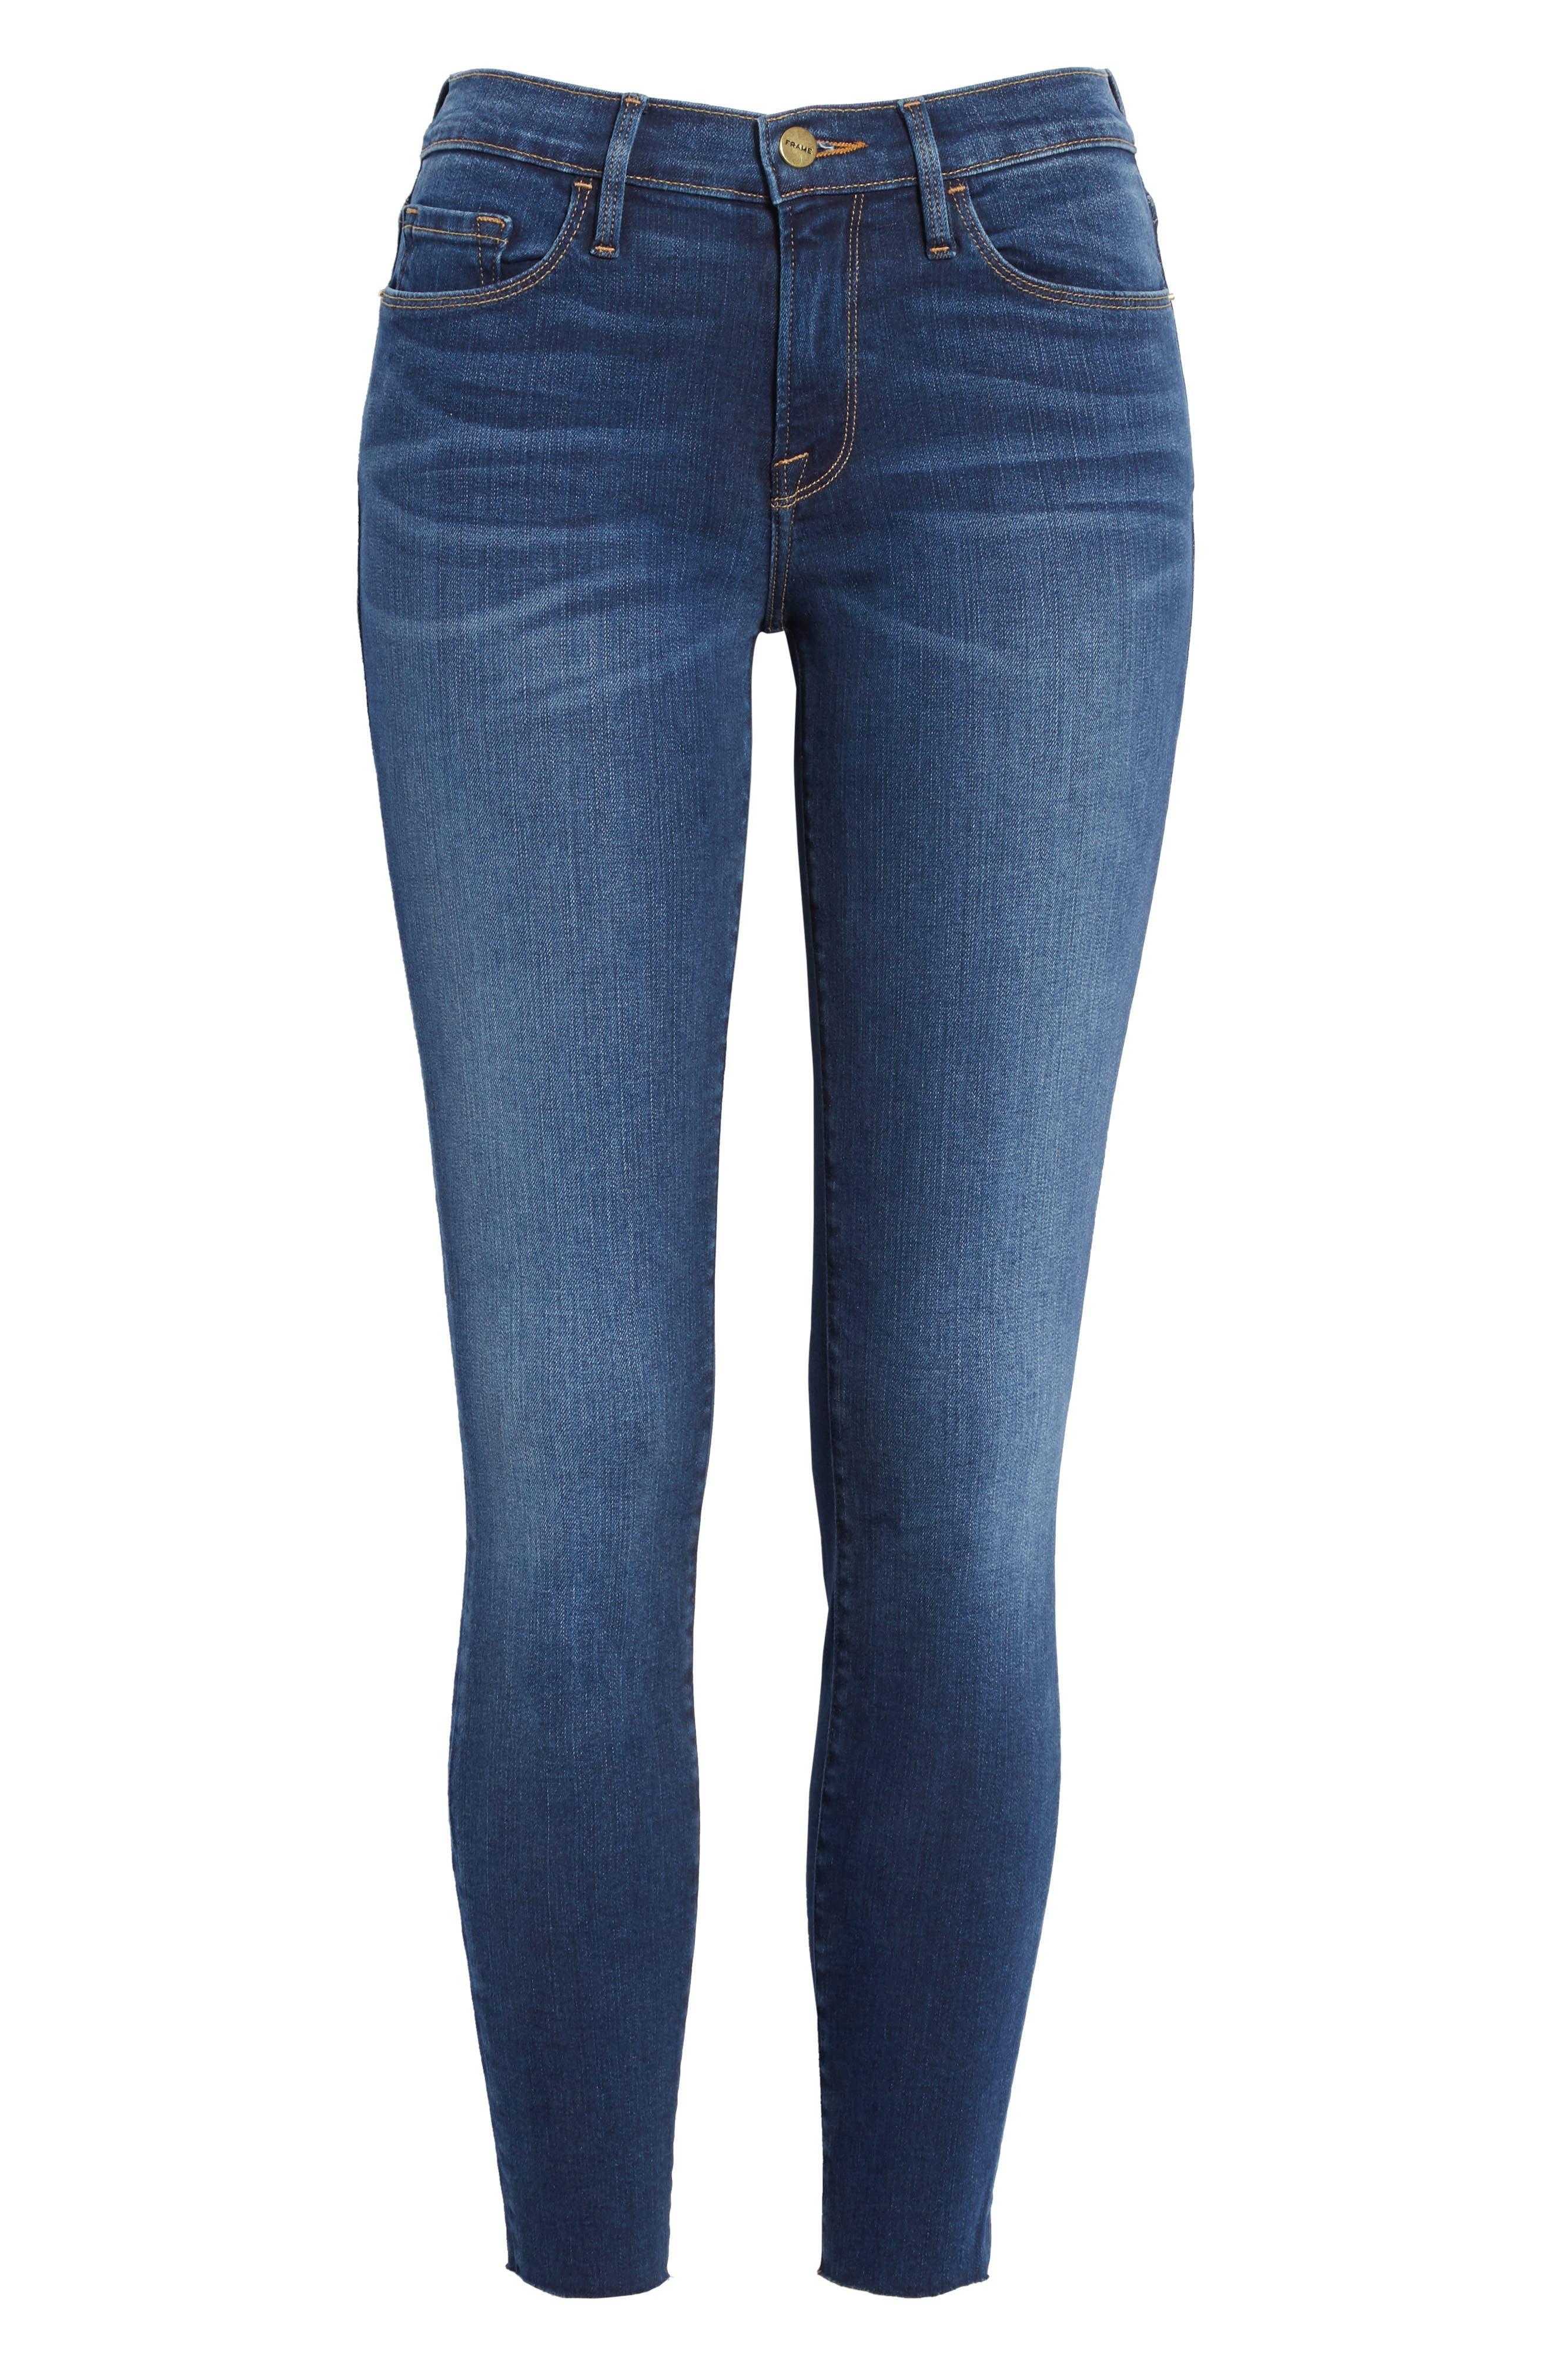 Le Skinny de Jeanne Raw Hem Crop Jeans,                             Alternate thumbnail 6, color,                             Cobbert Exclusive